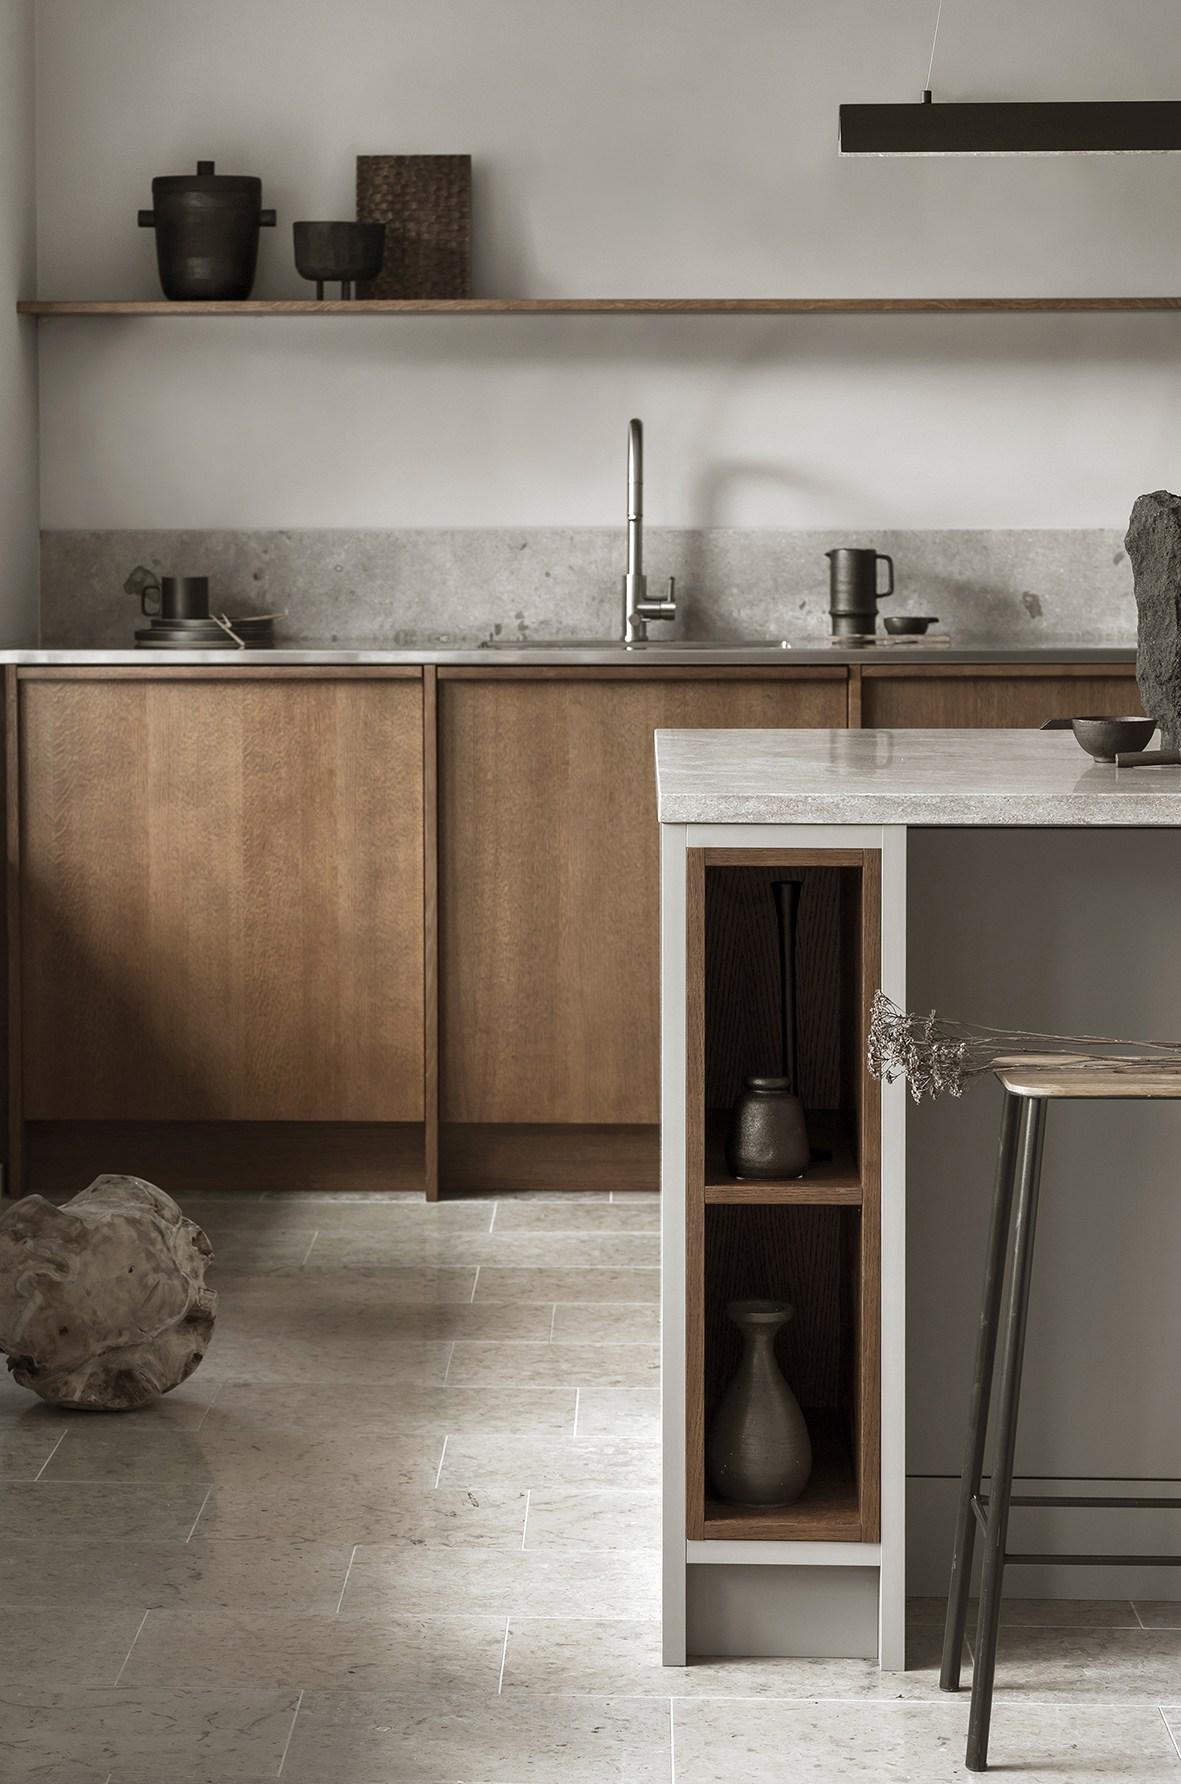 Kalkstensgolv, bänkskiva samt stänkskydd. Toppskiva i marmor på köksö. Referens från Nordiska kök